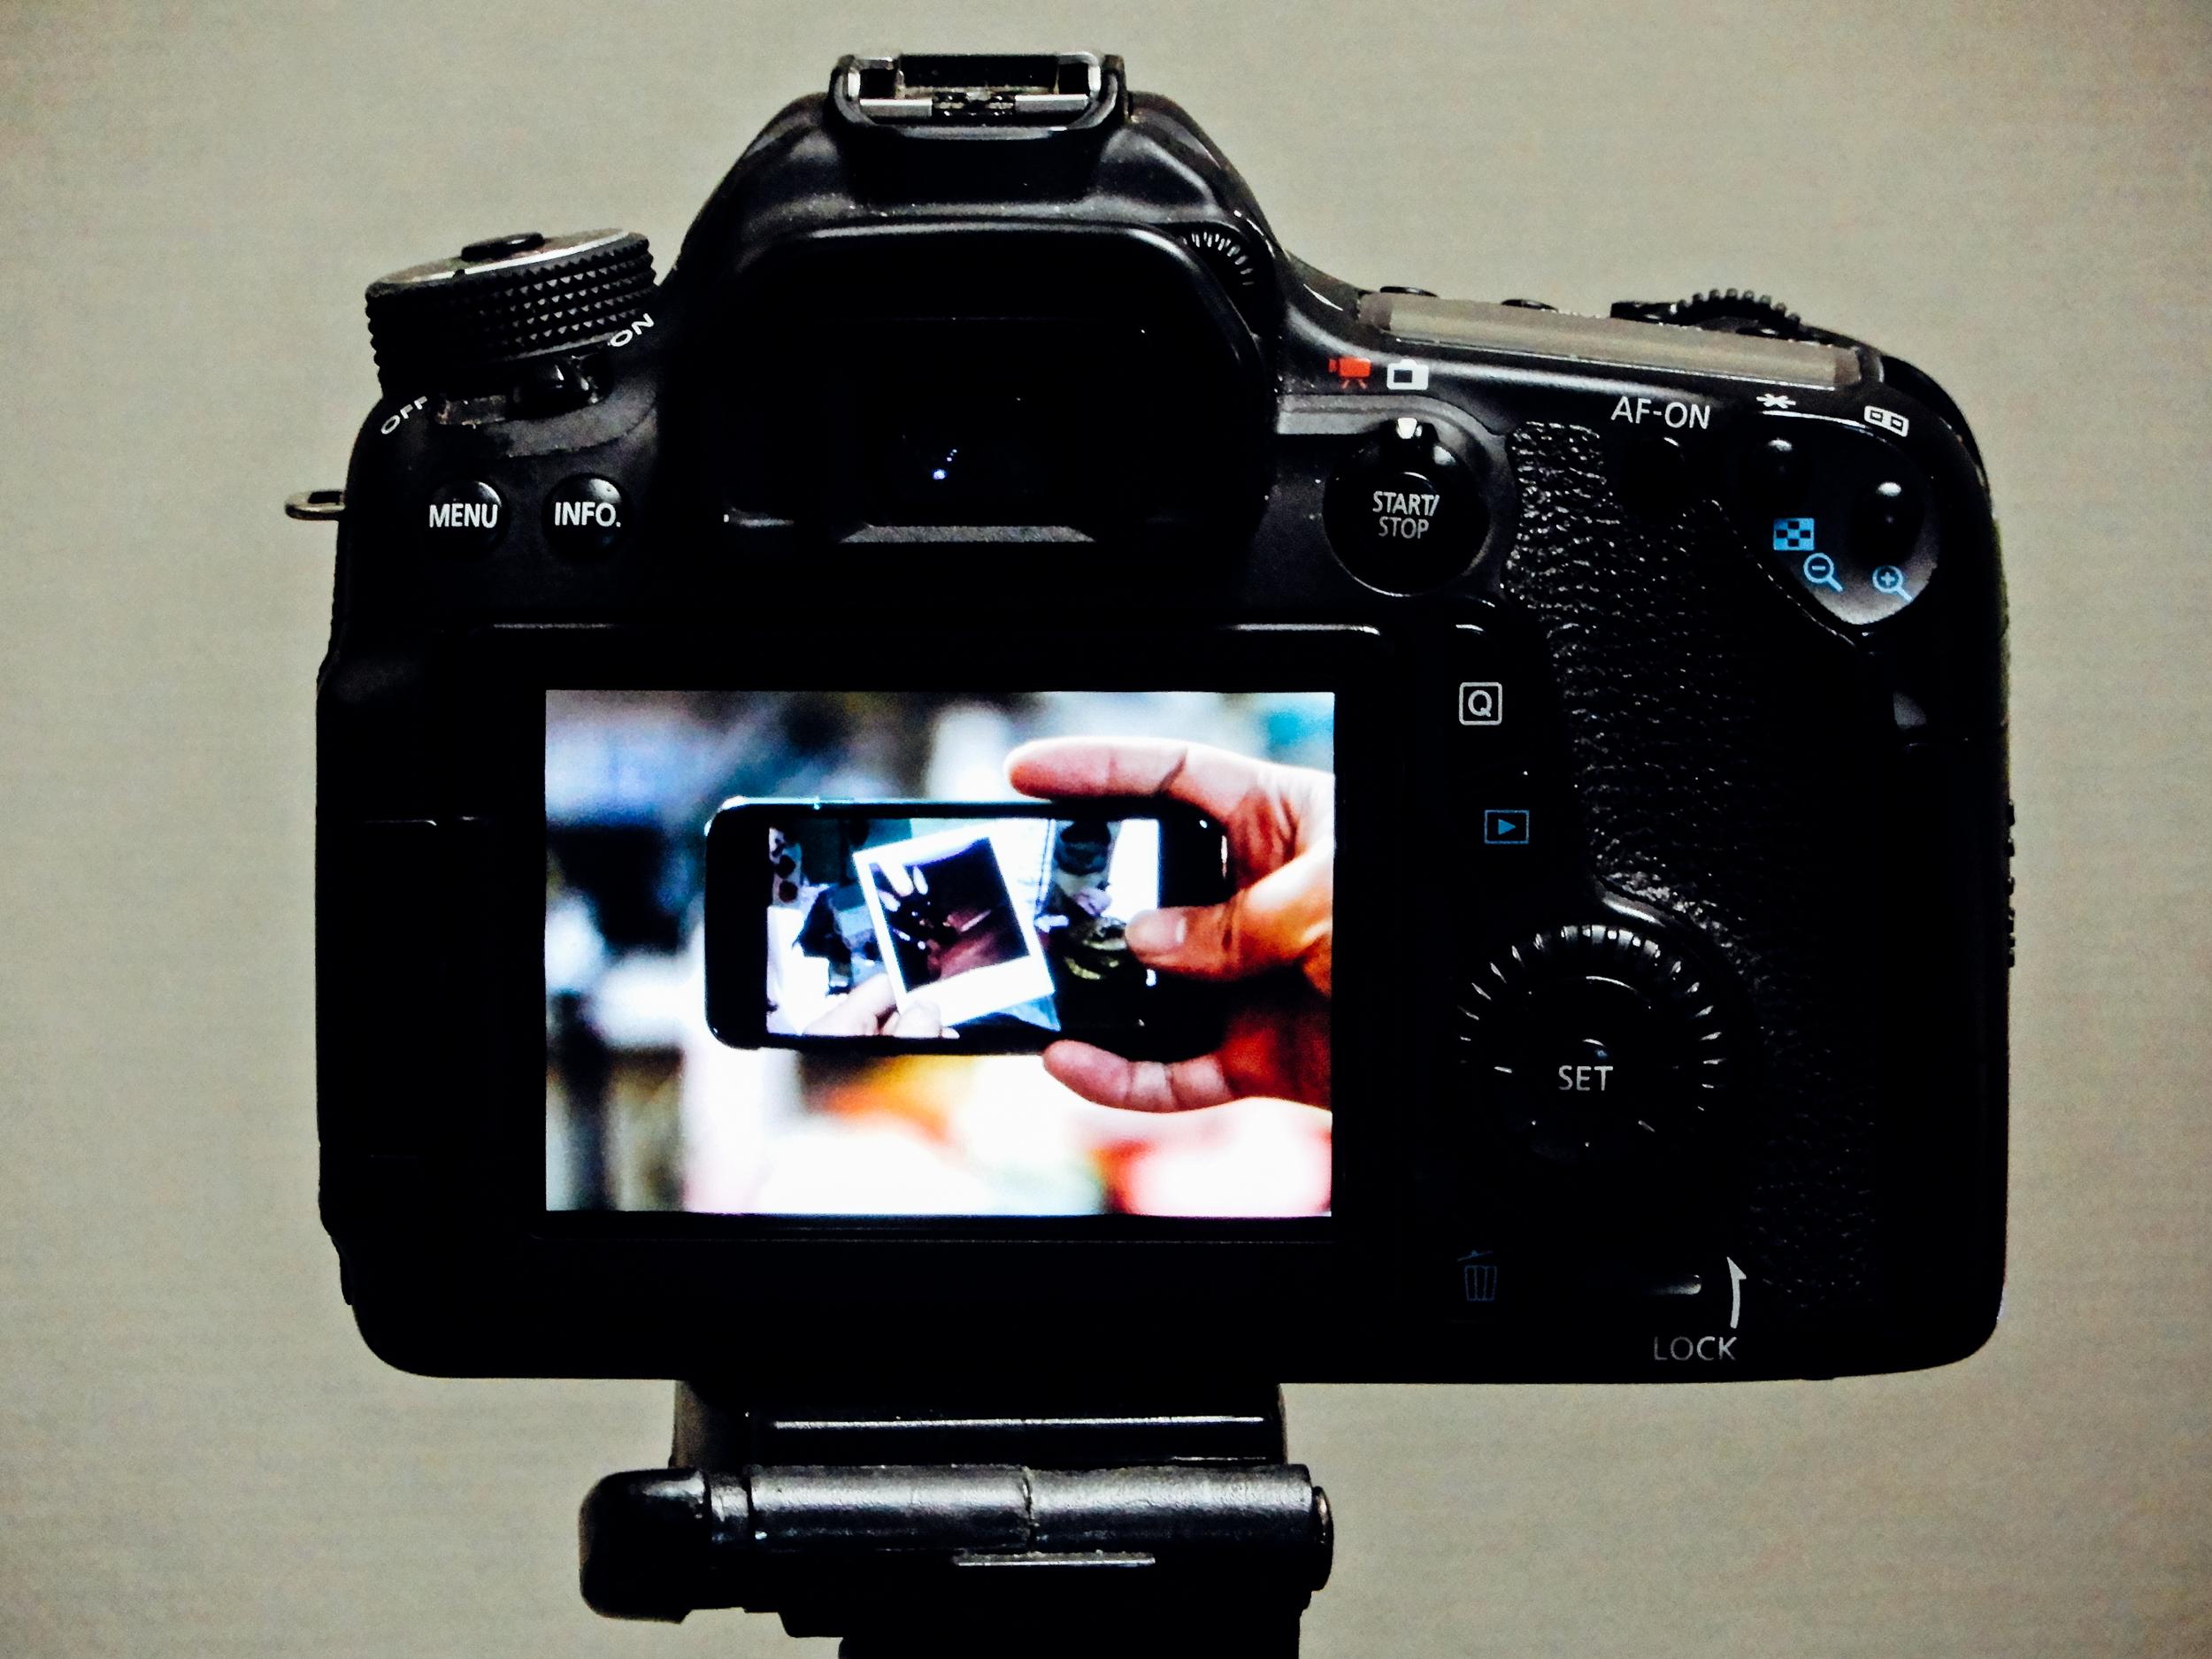 """スナップマートで新フォトコンテスト「一眼レフで撮影した美しい人工物」 with """"カメラ、家電レンタルのRentio""""が開始!Snapmart新着情報"""